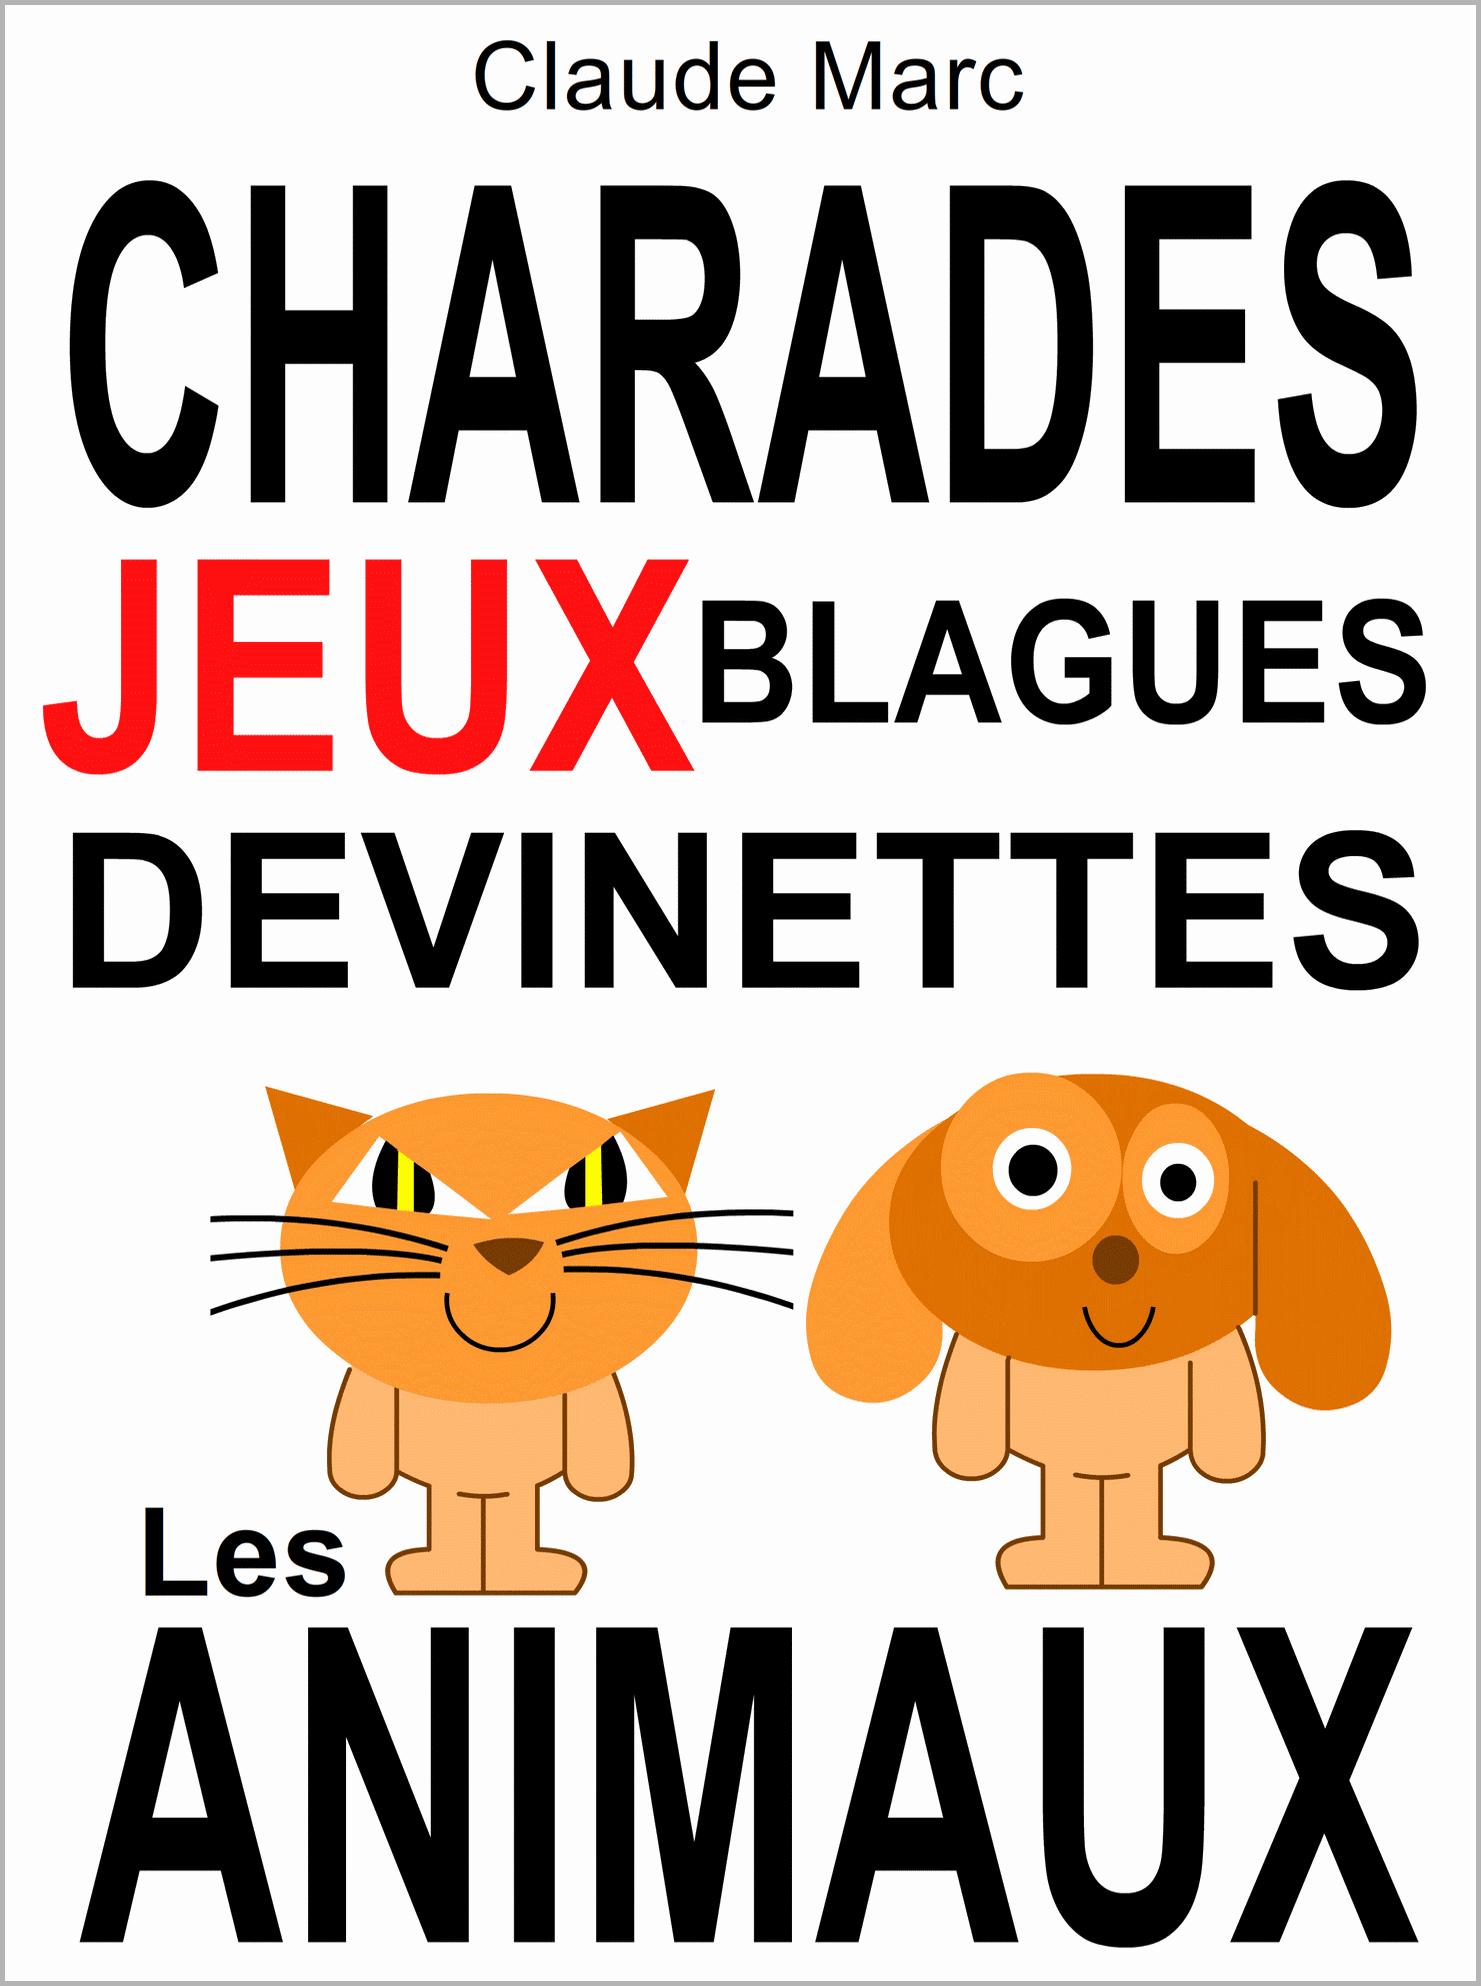 Charades Et Devinettes Sur Les Animaux. Jeux Et Blagues Pour Enfants. intérieur Jeux De Mots Enfants